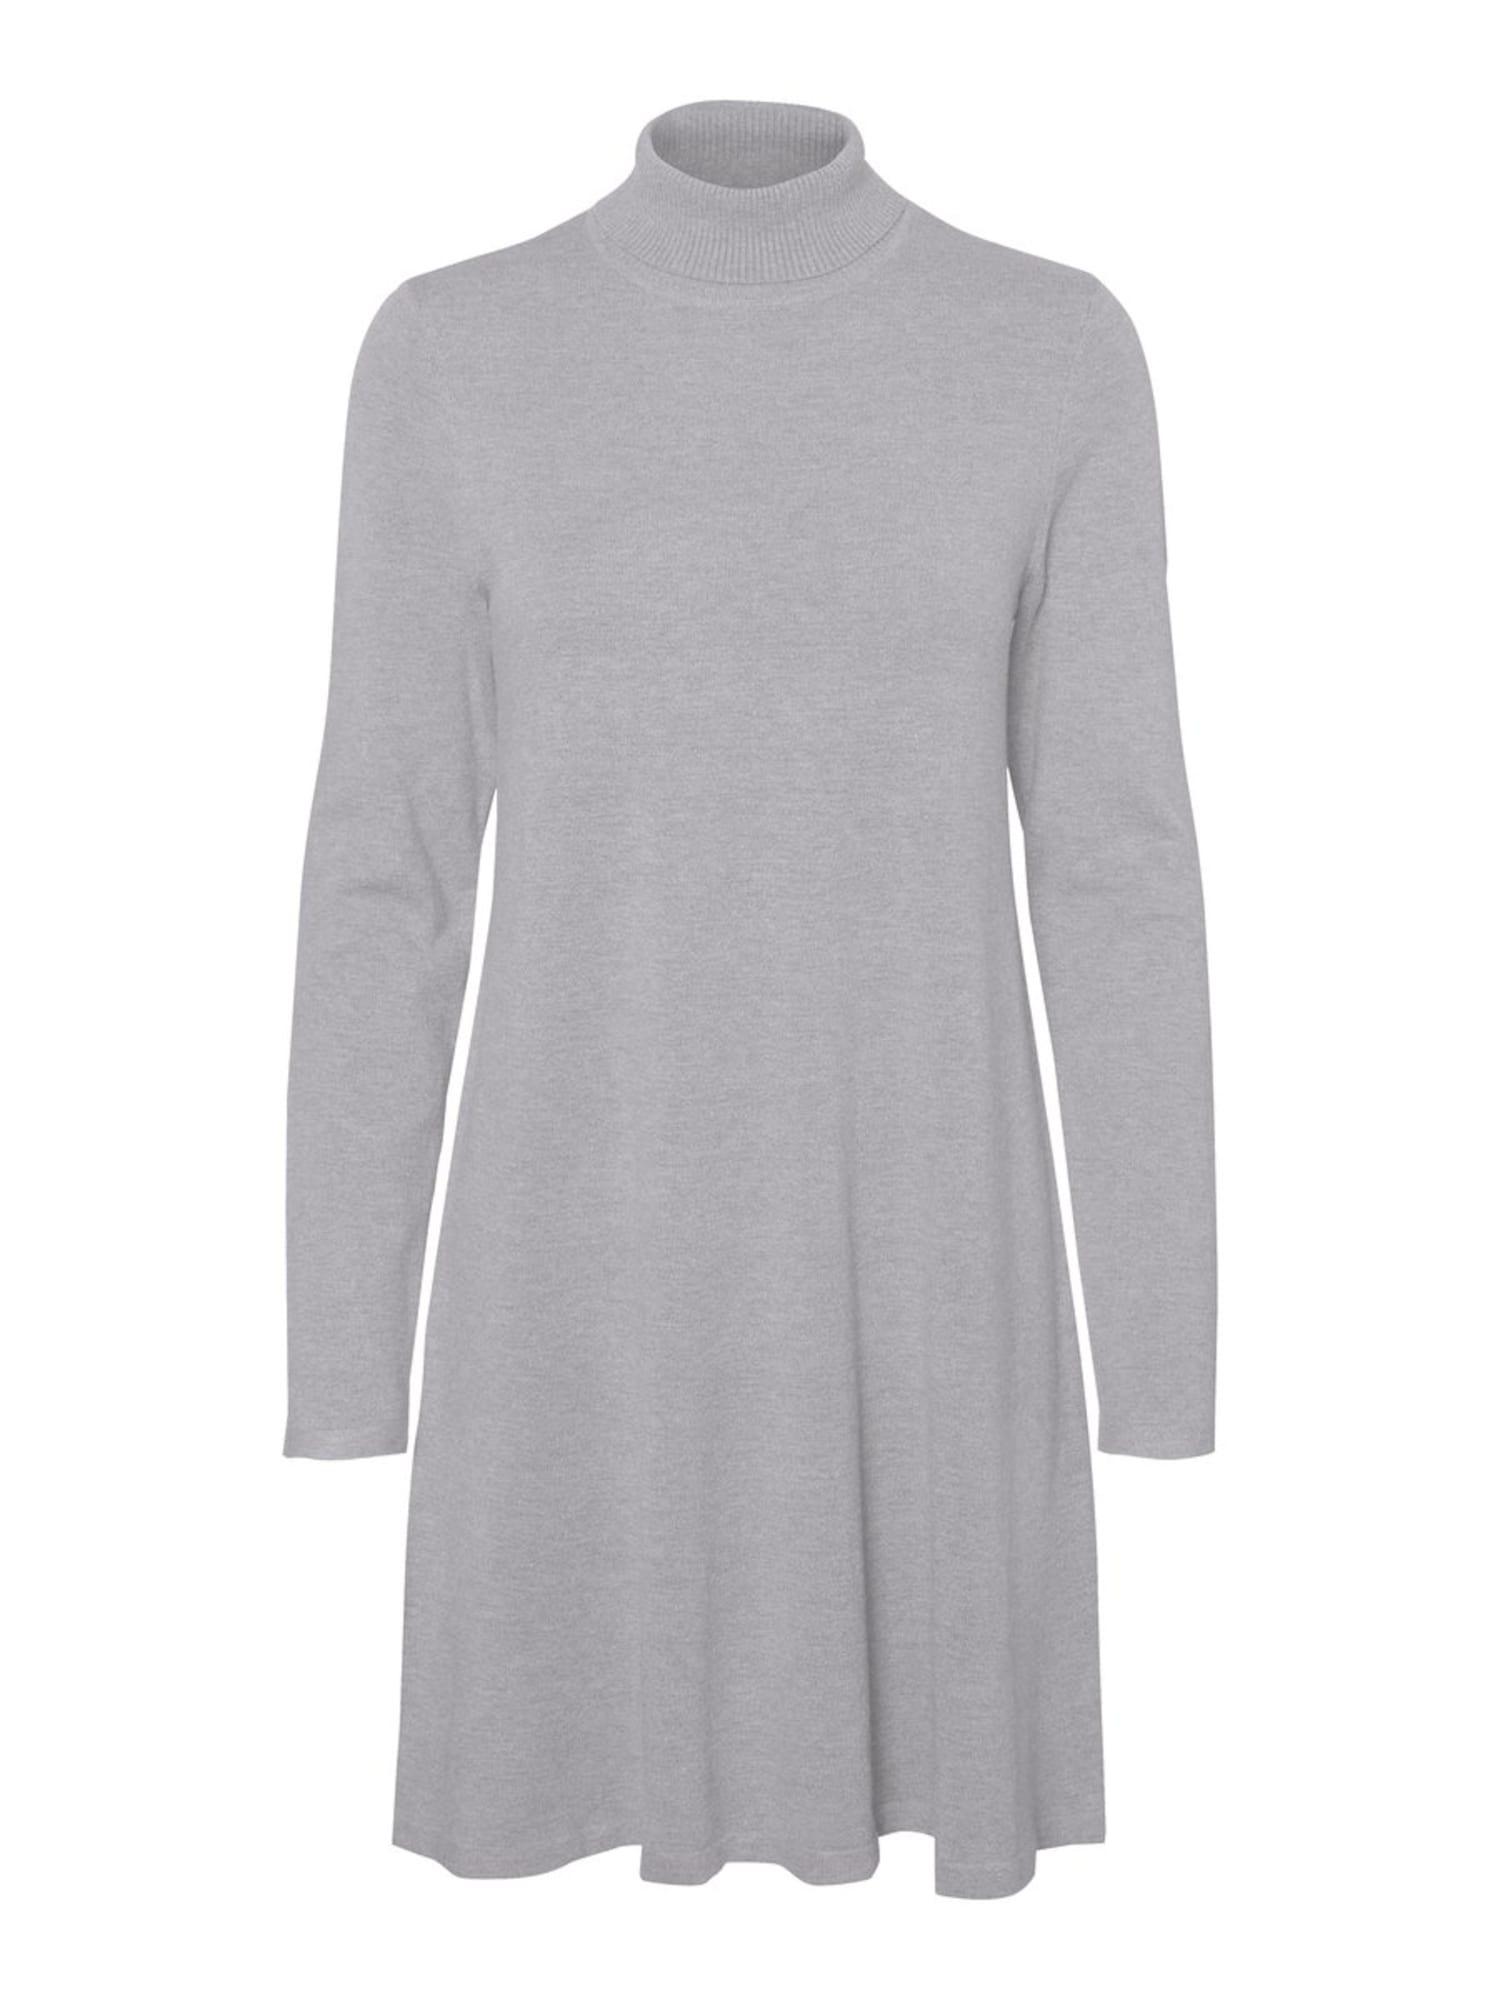 VERO MODA Úpletové šaty 'HAPPY'  šedý melír